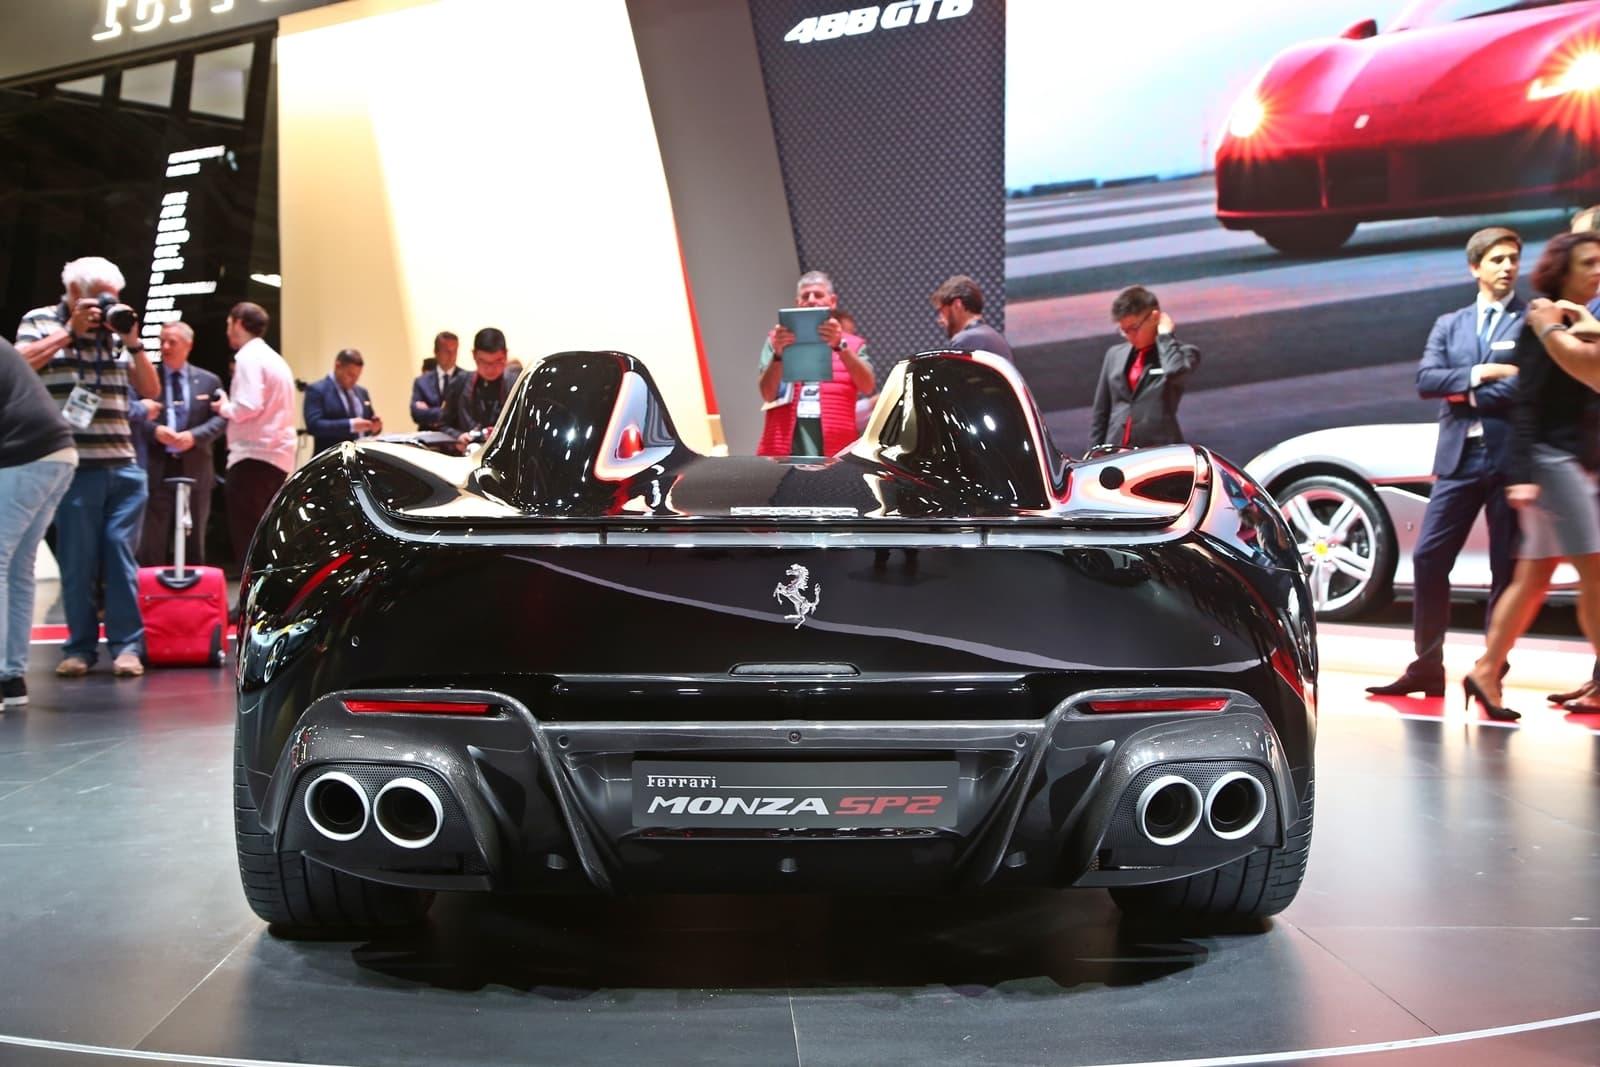 Ferrari Monza Sp1 Sp2 Paris 1018 012